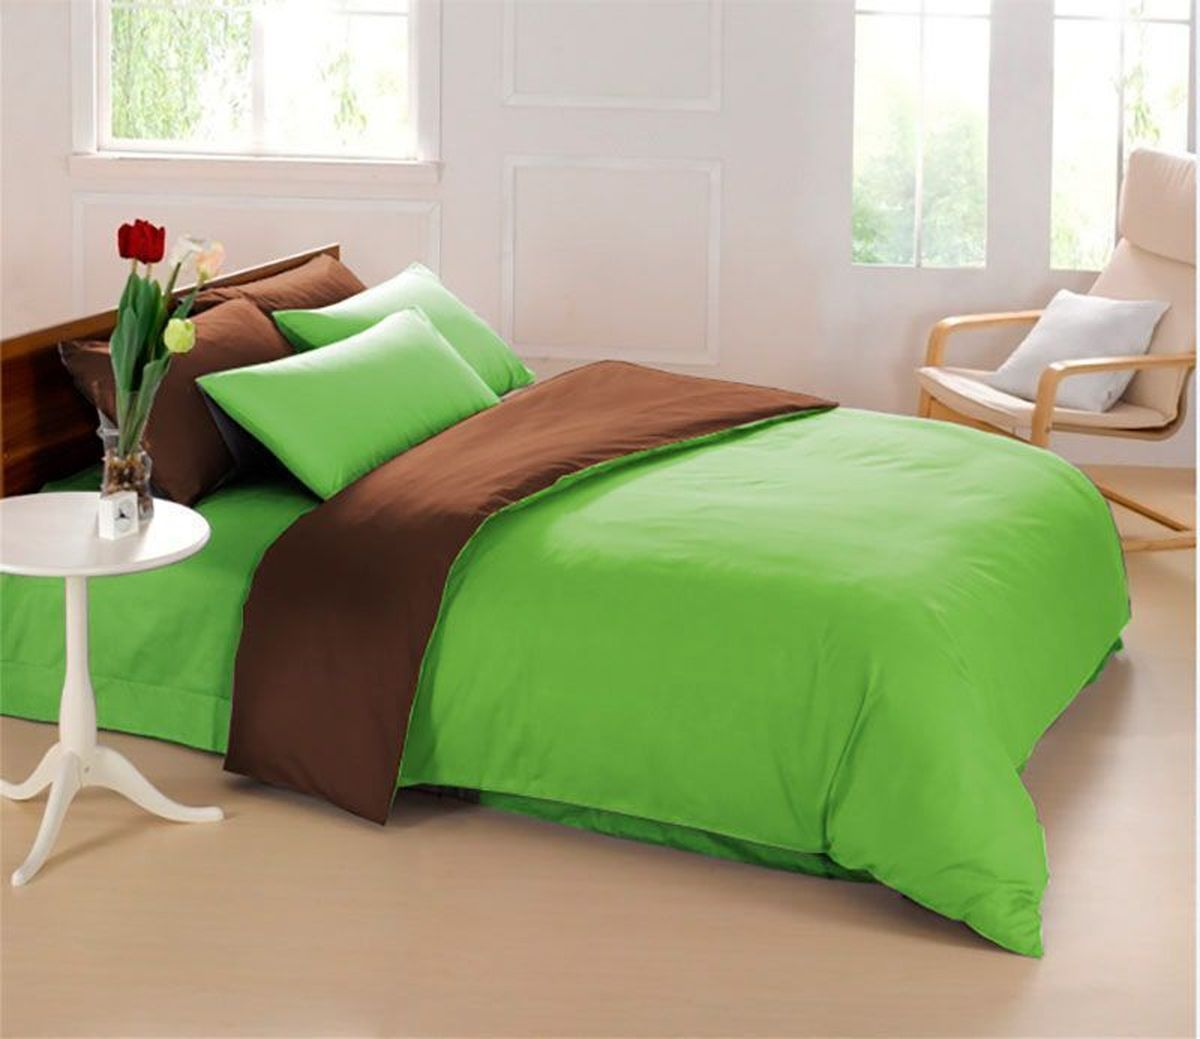 Комплект белья Sleep iX Perfection, семейный, наволочки 50х70, 70х70, цвет: зеленый, темно-коричневыйpva215411Комплект постельного белья Sleep iX Perfection состоит из двух пододеяльников, простыни и четырех наволочек. Предметы комплекта выполнены из абсолютно гипоаллергенной микрофибры, неприхотливой в уходе.Благодаря такому комплекту постельного белья вы сможете создать атмосферу уюта и комфорта в вашей спальне.Известно, что цвет напрямую воздействует на психологическое и физическое состояние человека. Зеленый - успокаивающий, нейтральный, мягкий цвет. Нормализует деятельность сердечно-сосудистой системы, успокаивает сильное сердцебиение, стабилизирует артериальное давление и функции нервной системы.Коричневый - спокойный и сдержанный цвет. Вызывает ощущение тепла, способствует созданию спокойного мягкого настроения. Это цвет надежности, прочности, здравого смысла.